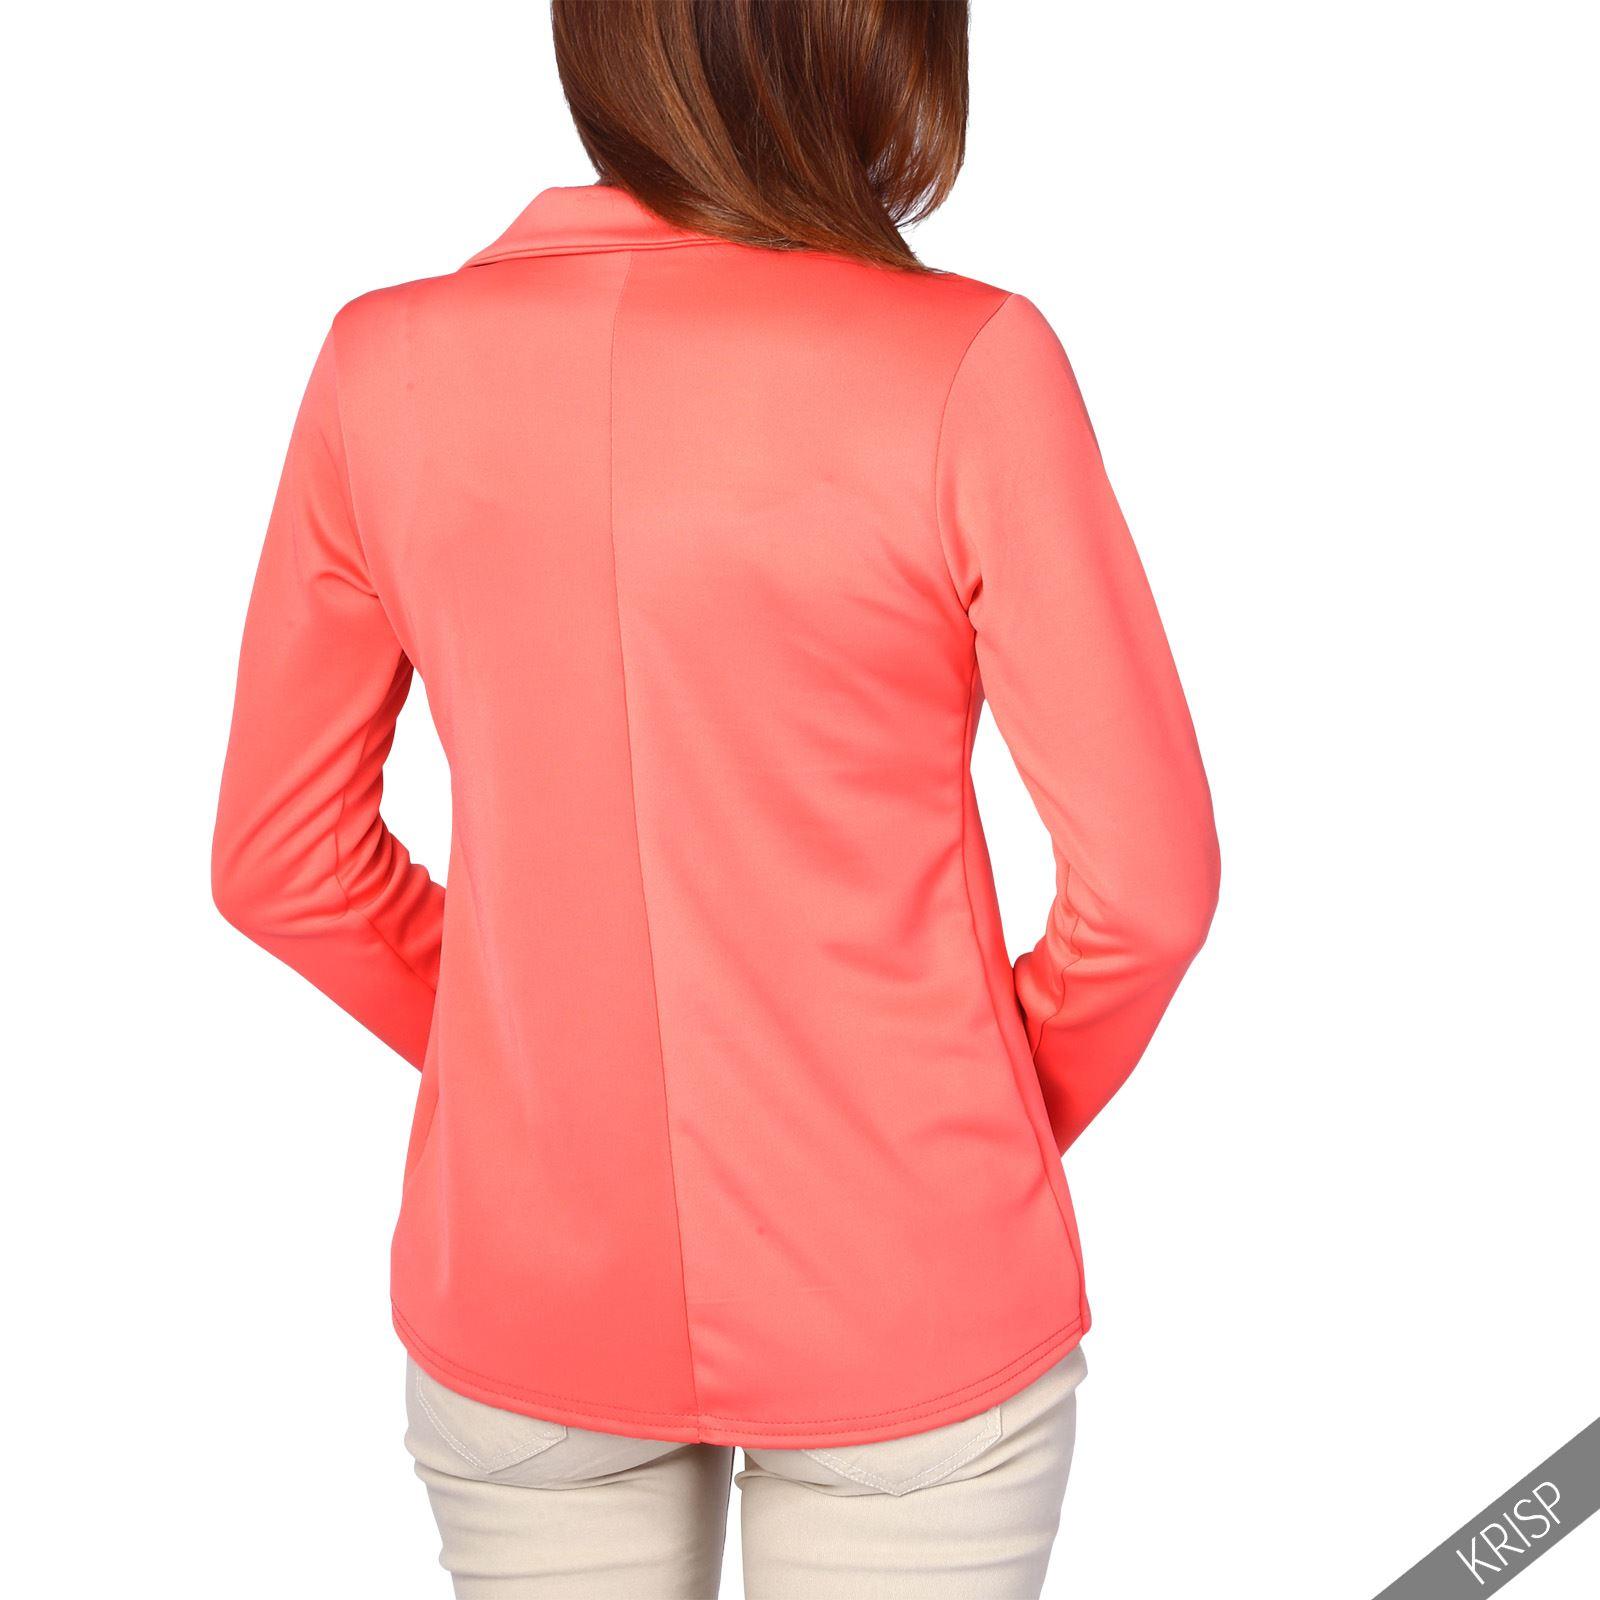 Womens Blazer Suit Top Jacket Casual Smart Ladies Jersey Office Evening Coat